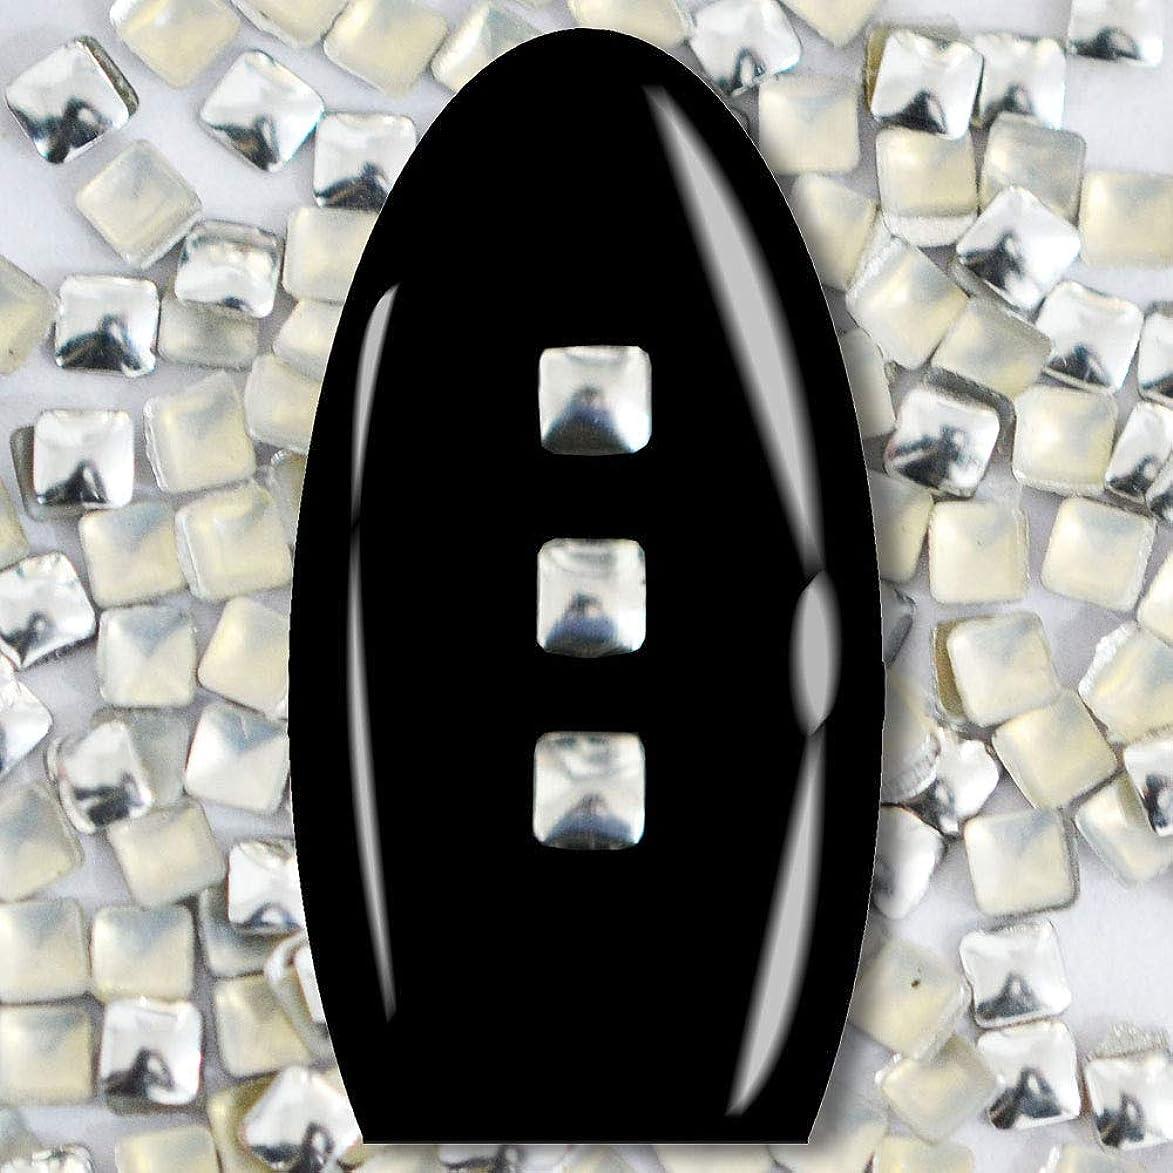 家具うがい薬りんごメタルスタッズ ネイル用 100粒 STZ016 スクエア シルバー 2mm